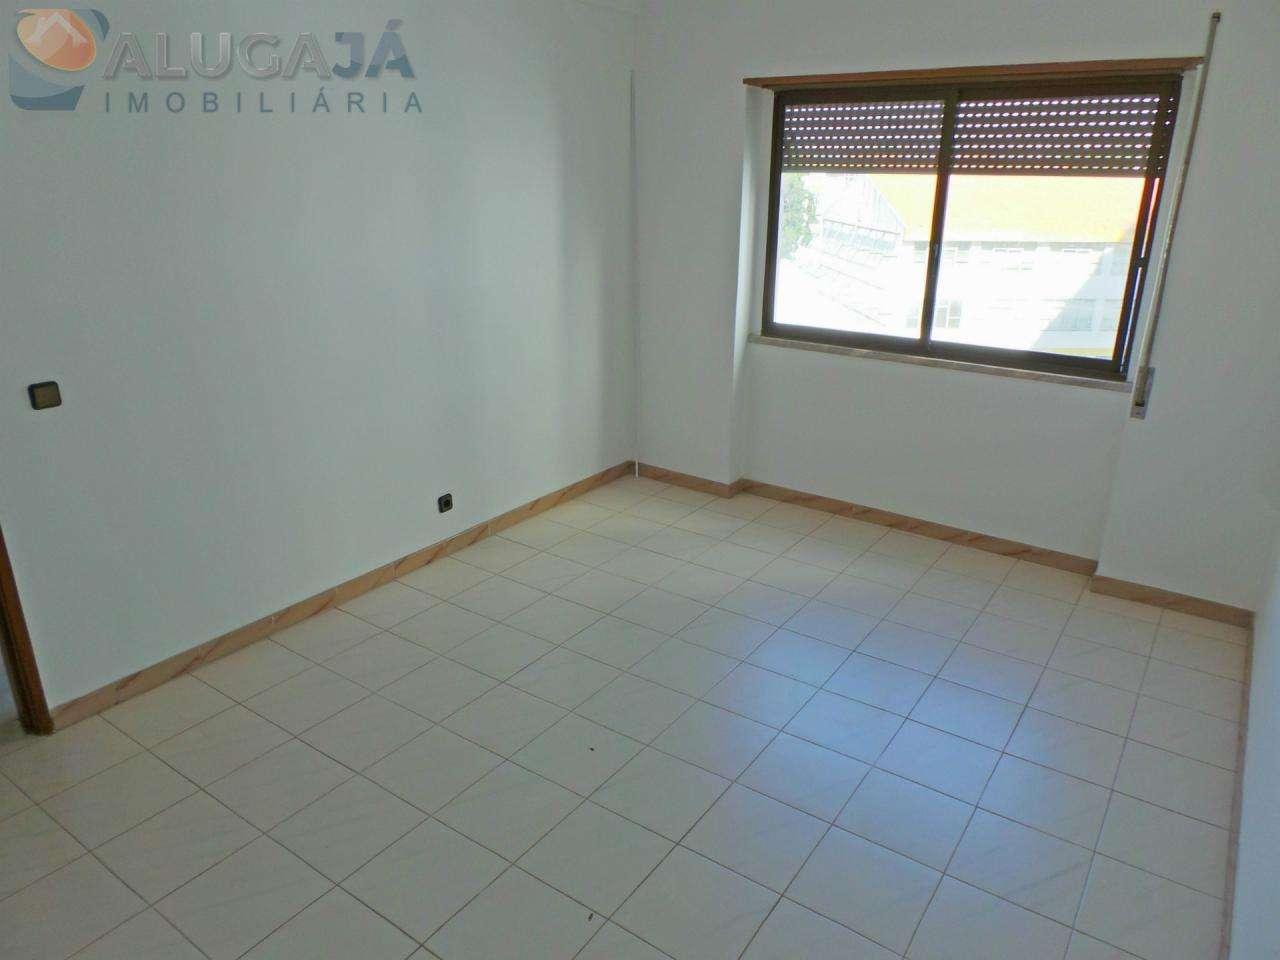 Apartamento para comprar, Travessa Doutor João de Barros - Mercês, Algueirão-Mem Martins - Foto 7